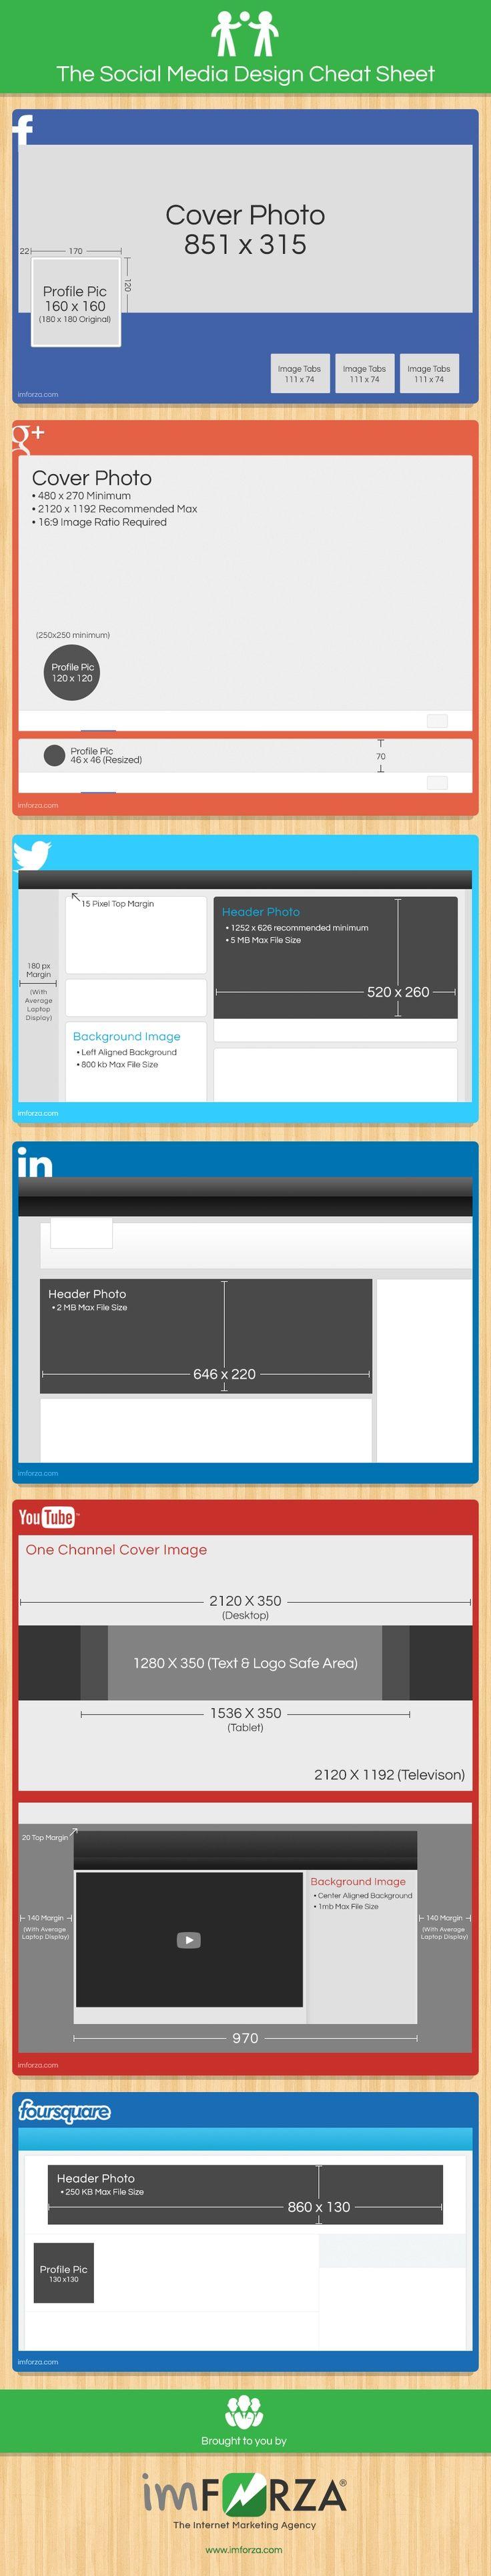 Medidas de banners nas principais mídias sociais.